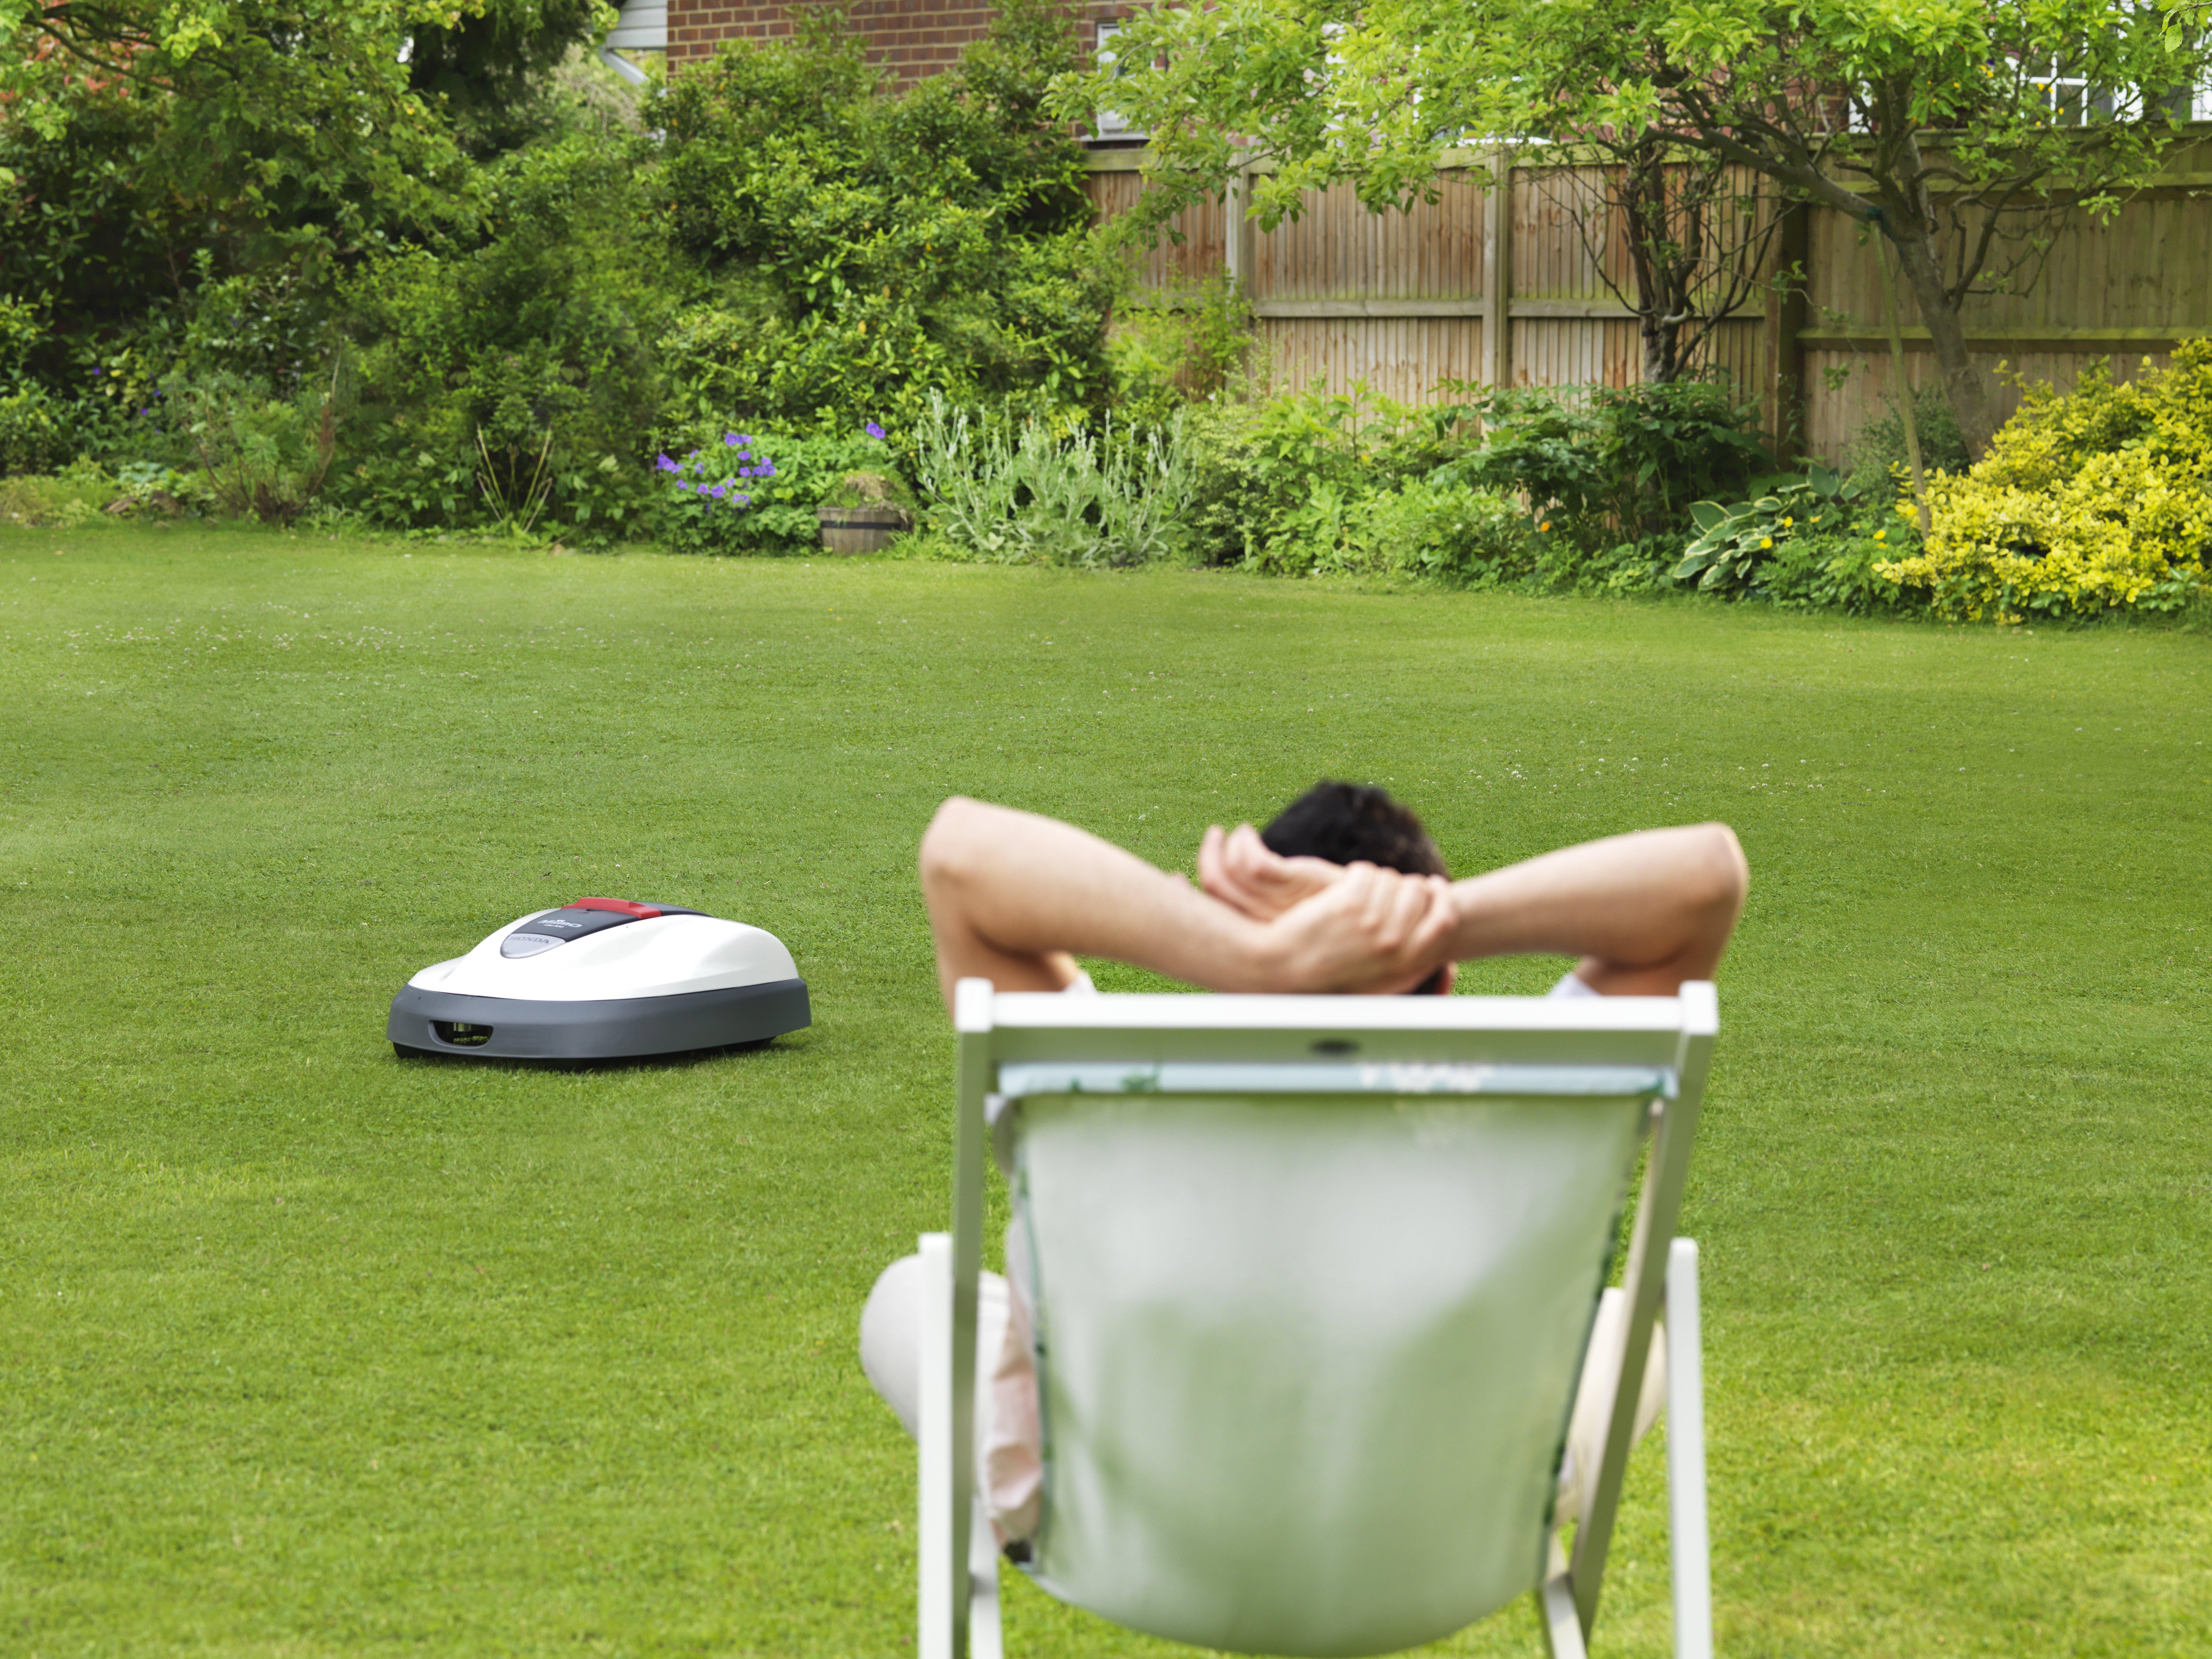 garden maintenance robot